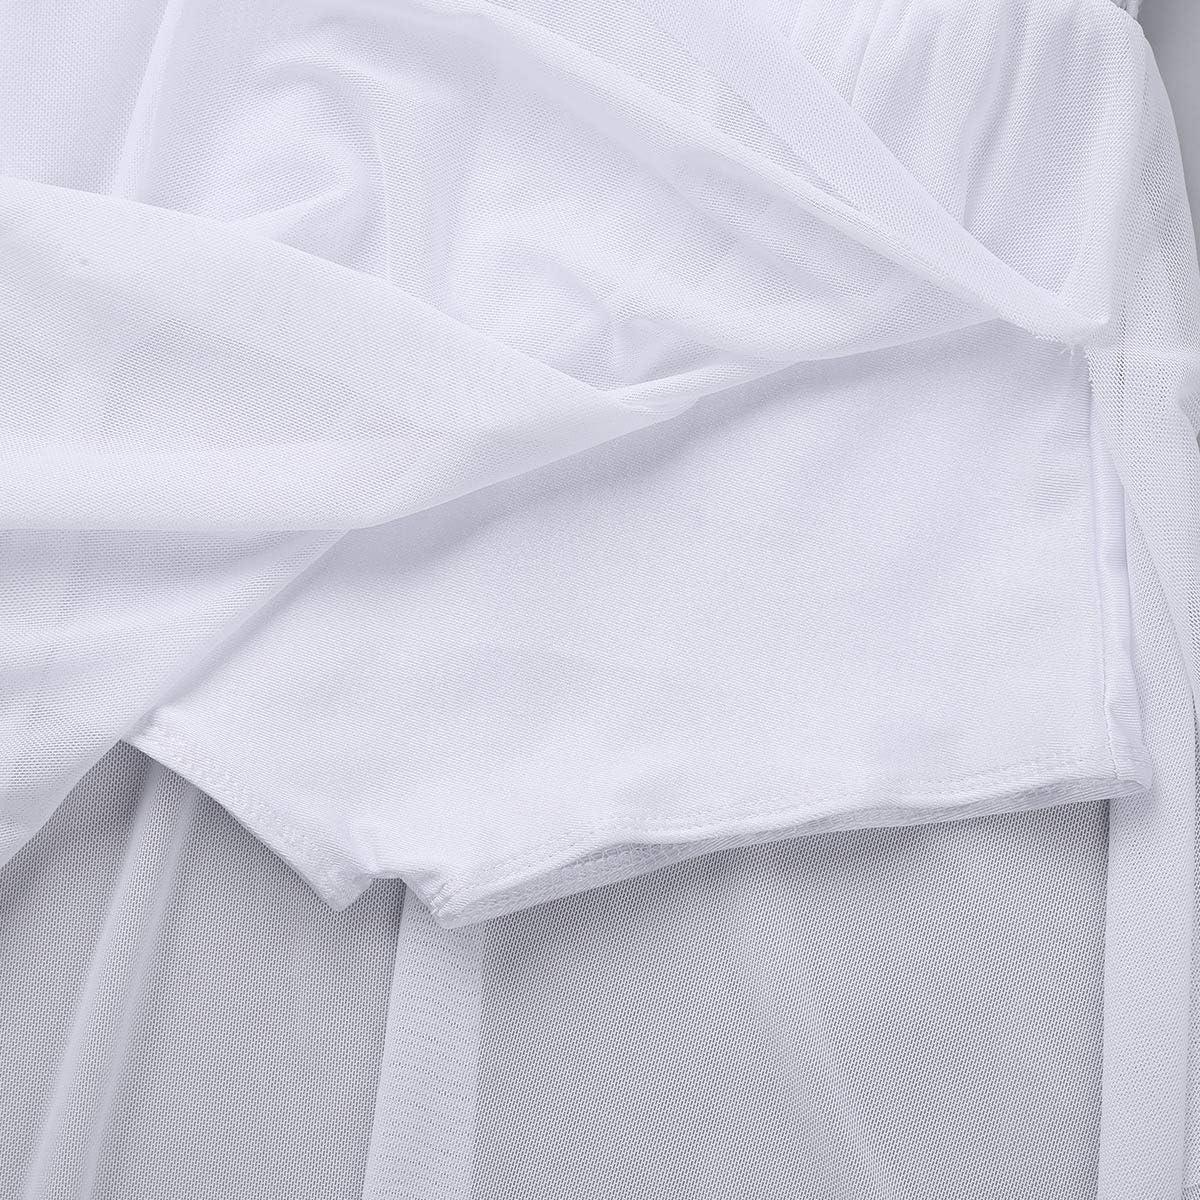 dPois Enfant Fille Justaucorps Ballet Danse Classique Asym/étrique Robe /à Paillettes Leotard Gymnastique Robe /à Bretelles Artistique Robe Patinage Body Costume Jazz 3-14 Ans